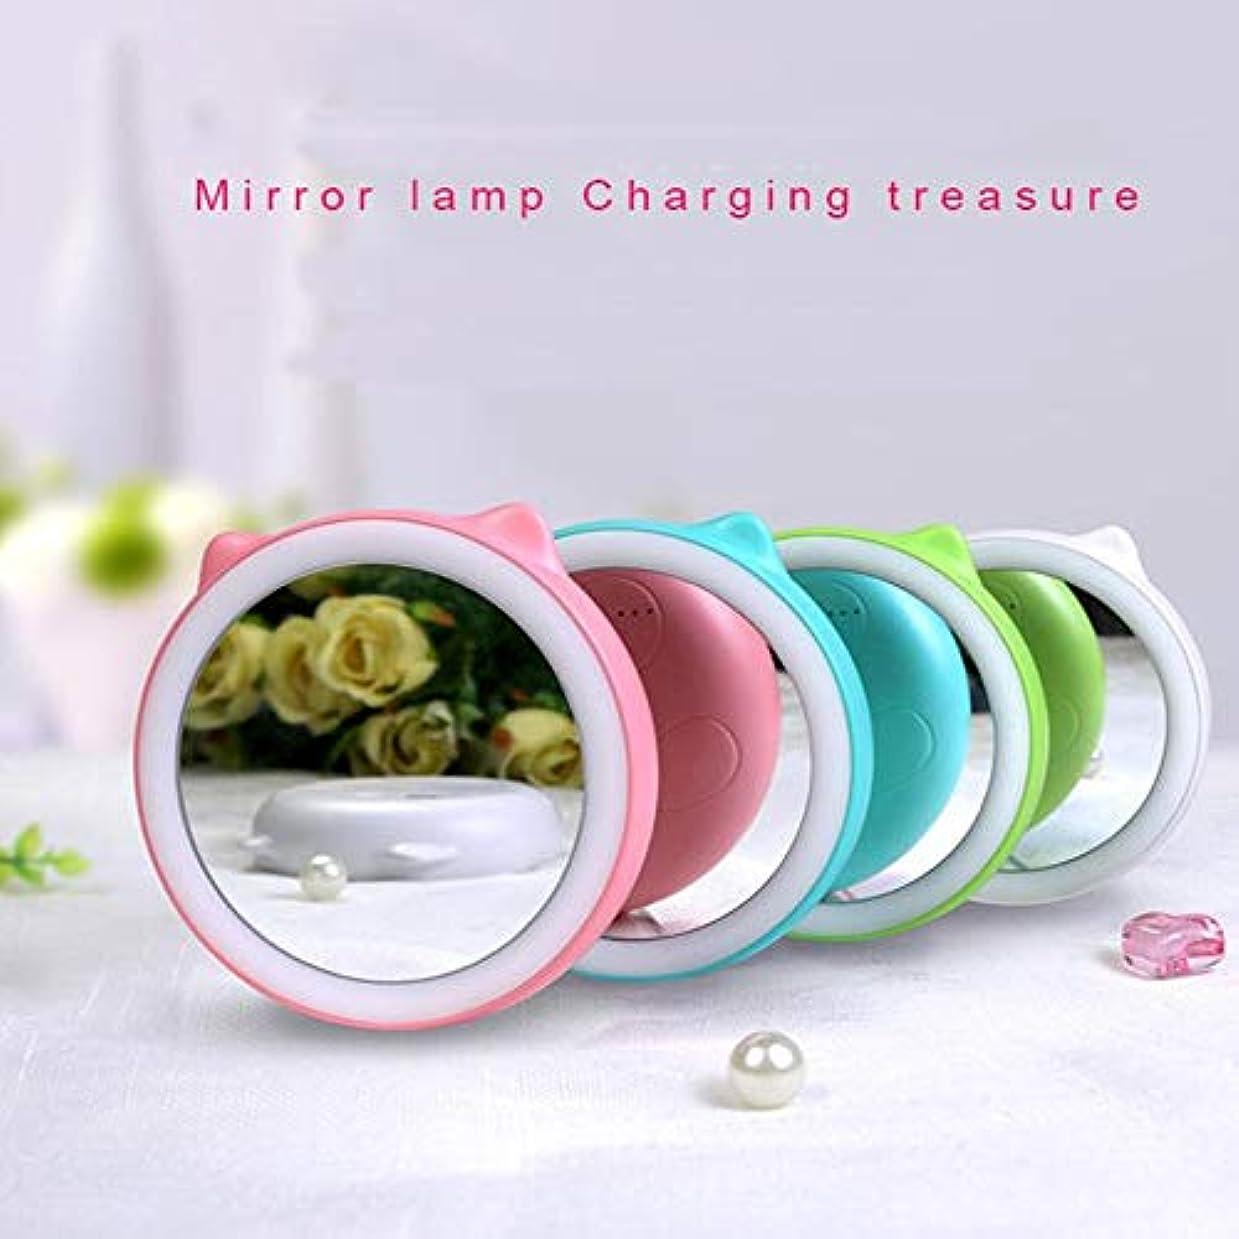 かび臭い変動する最大の流行の ポータブルLED化粧鏡充電宝物充填光鏡多機能タイミングデザイン美容鏡化粧鏡4ブルーグリーンピンクホワイト直径9センチ厚さ2センチ (色 : Pink)